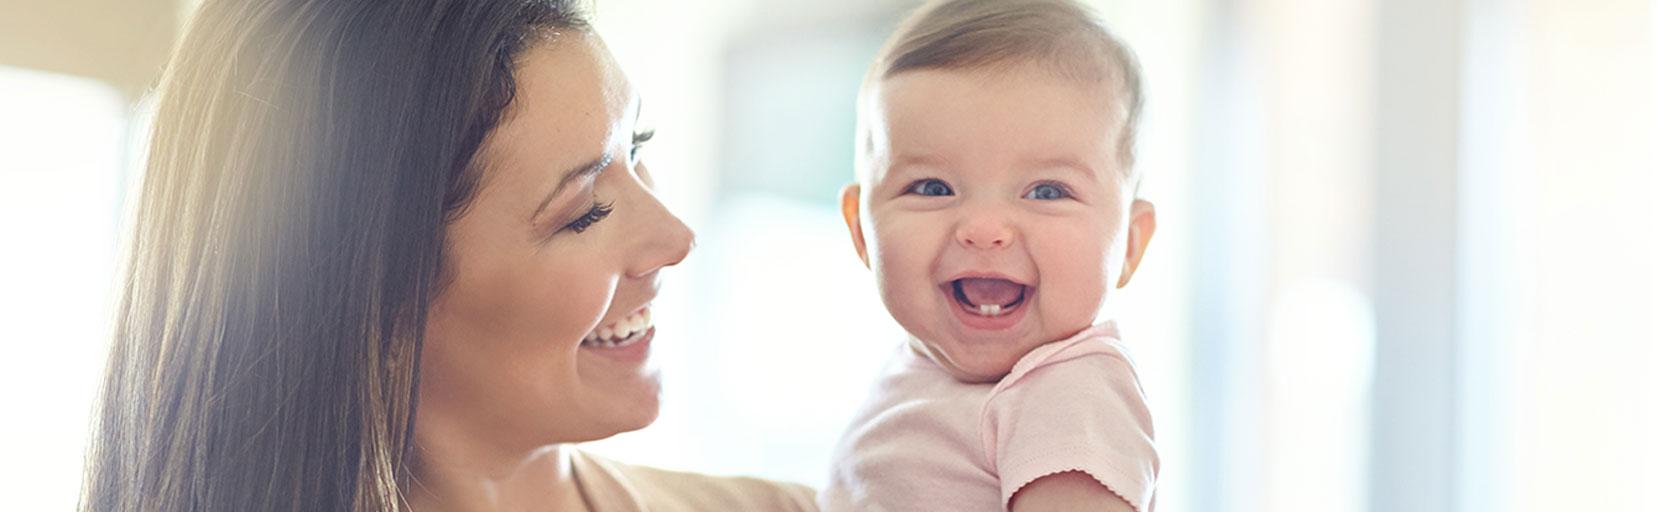 USC Center for Pregnancy Loss